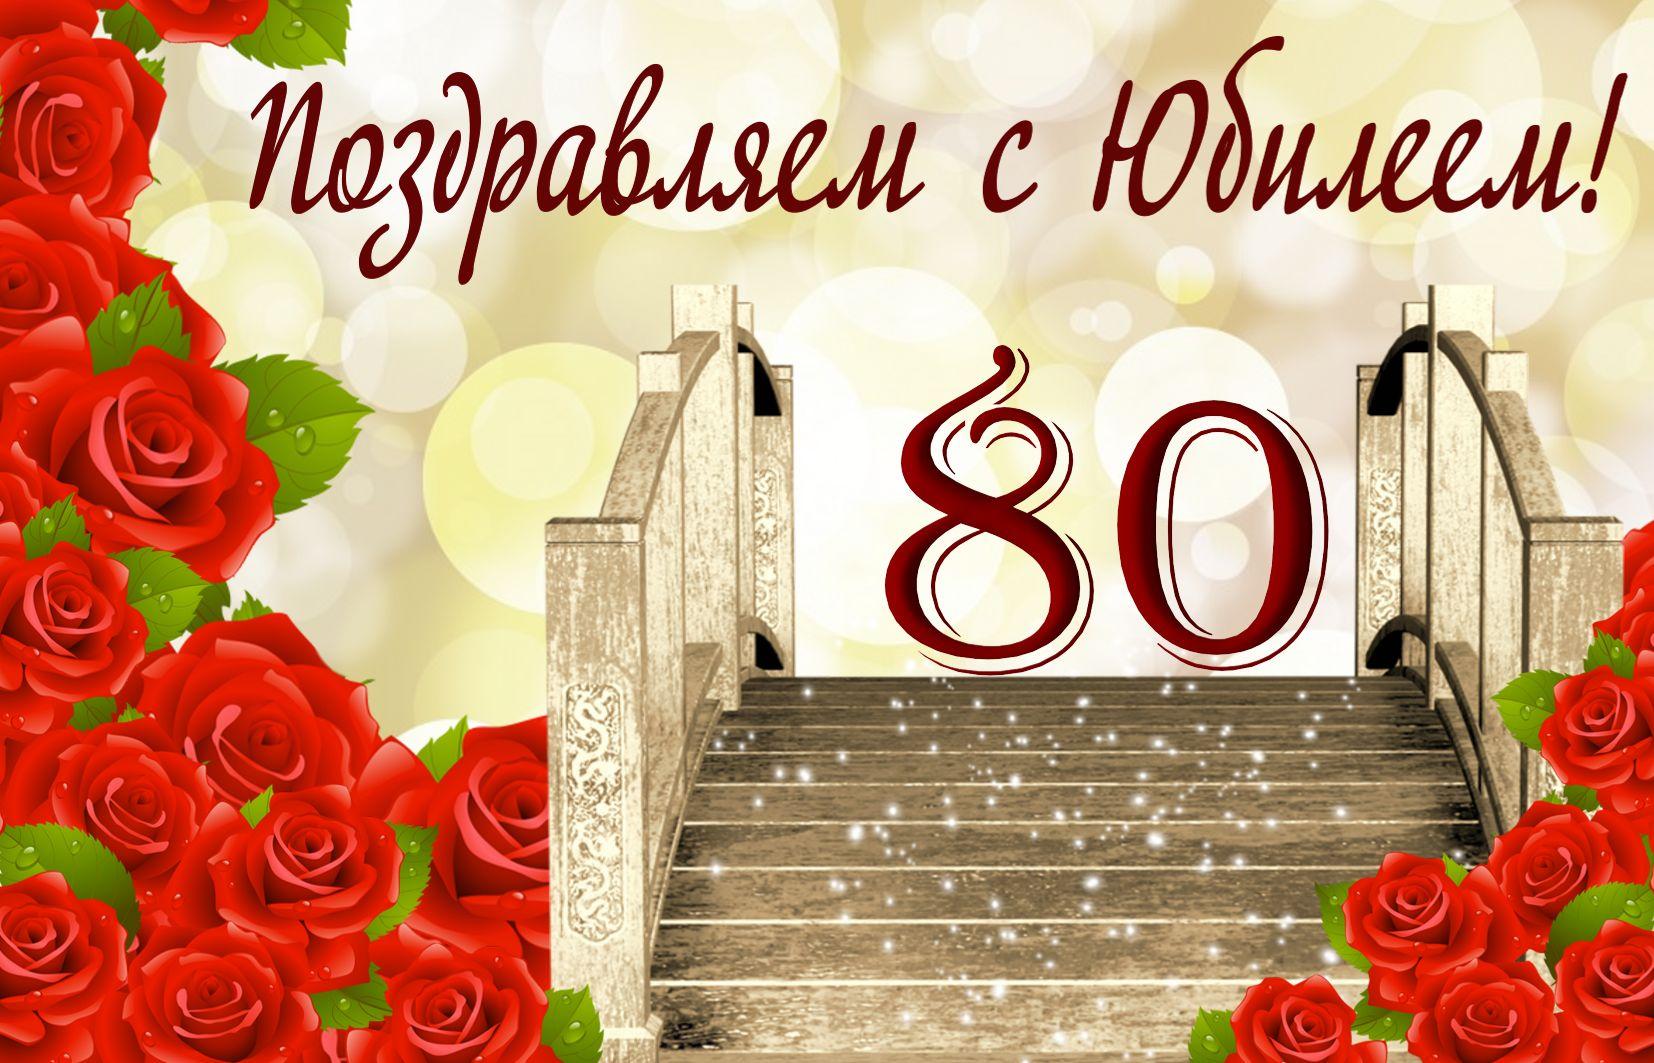 Красивое поздравление маме на юбилей 80 лет